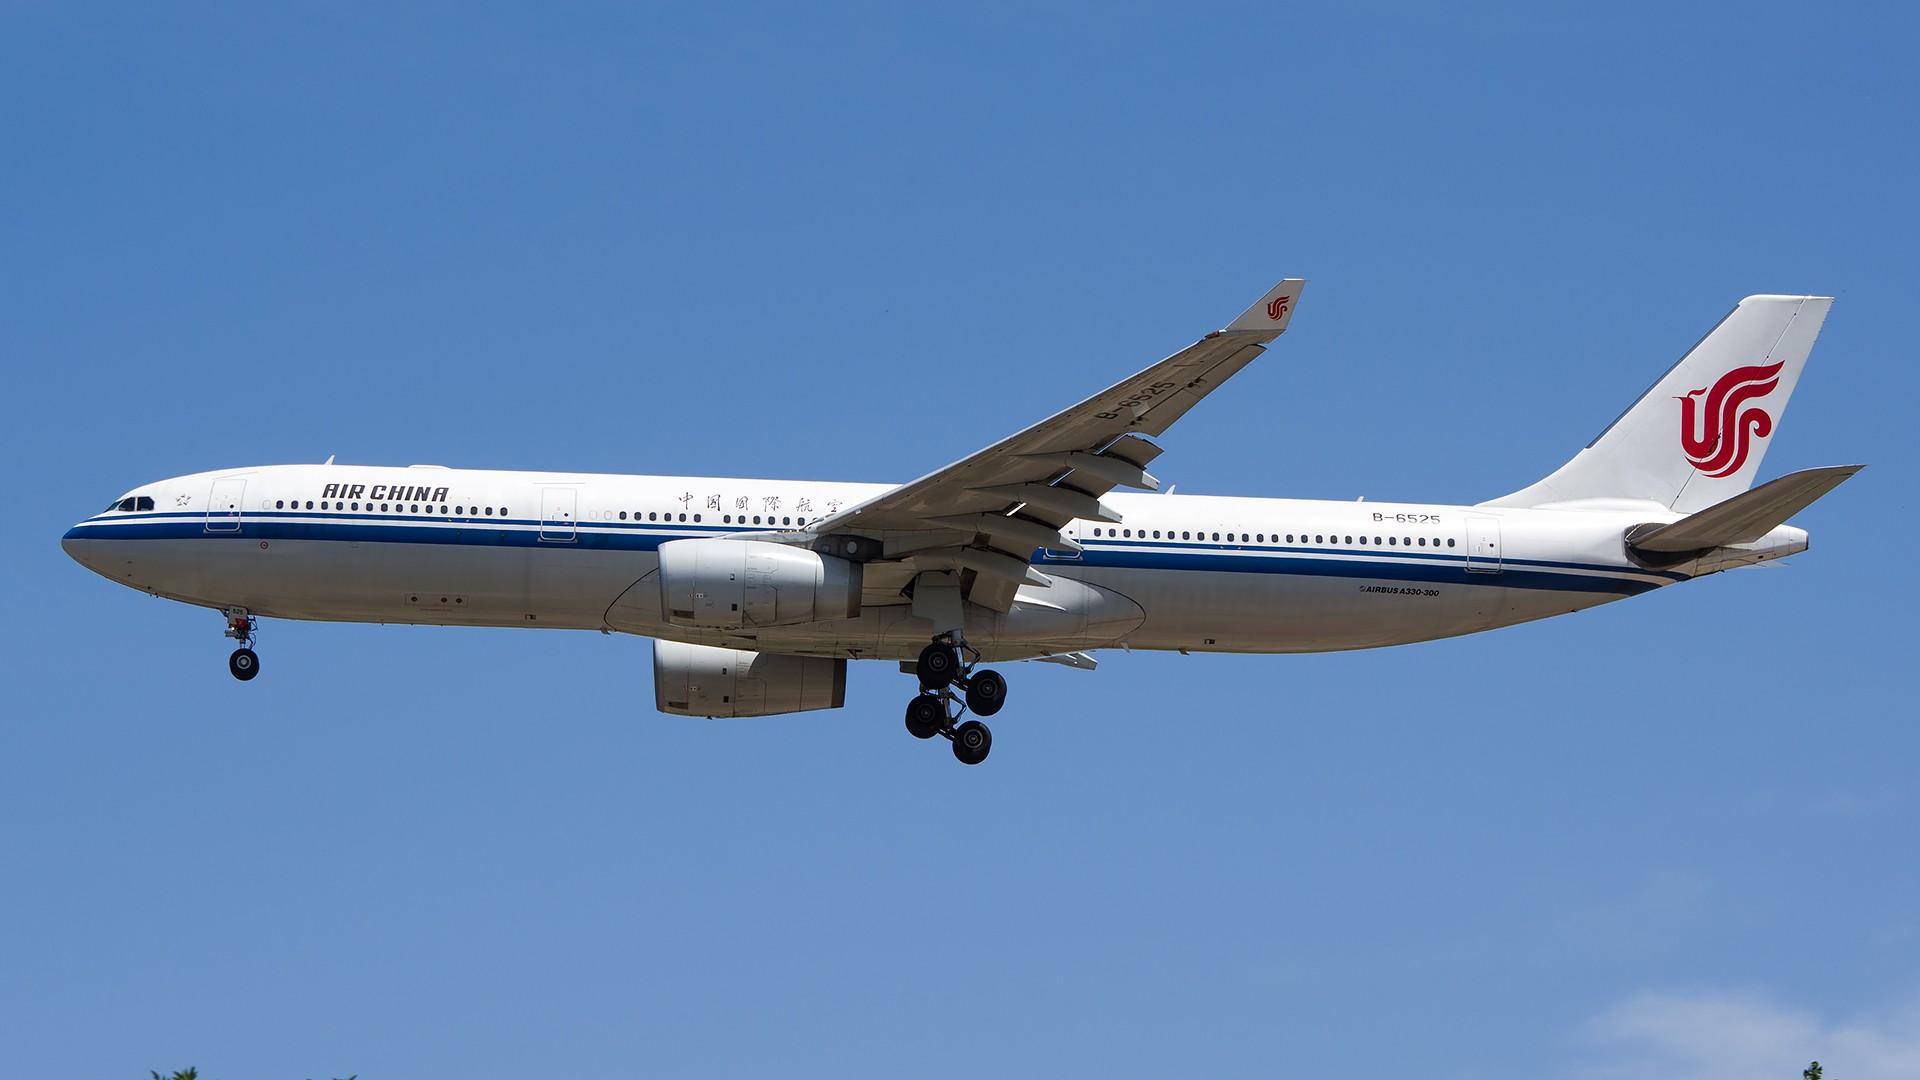 Re:[原创]PEK01午后两小时抓拍,其实是为AA的One World来的 AIRBUS A330-300 B-6525 中国北京首都国际机场